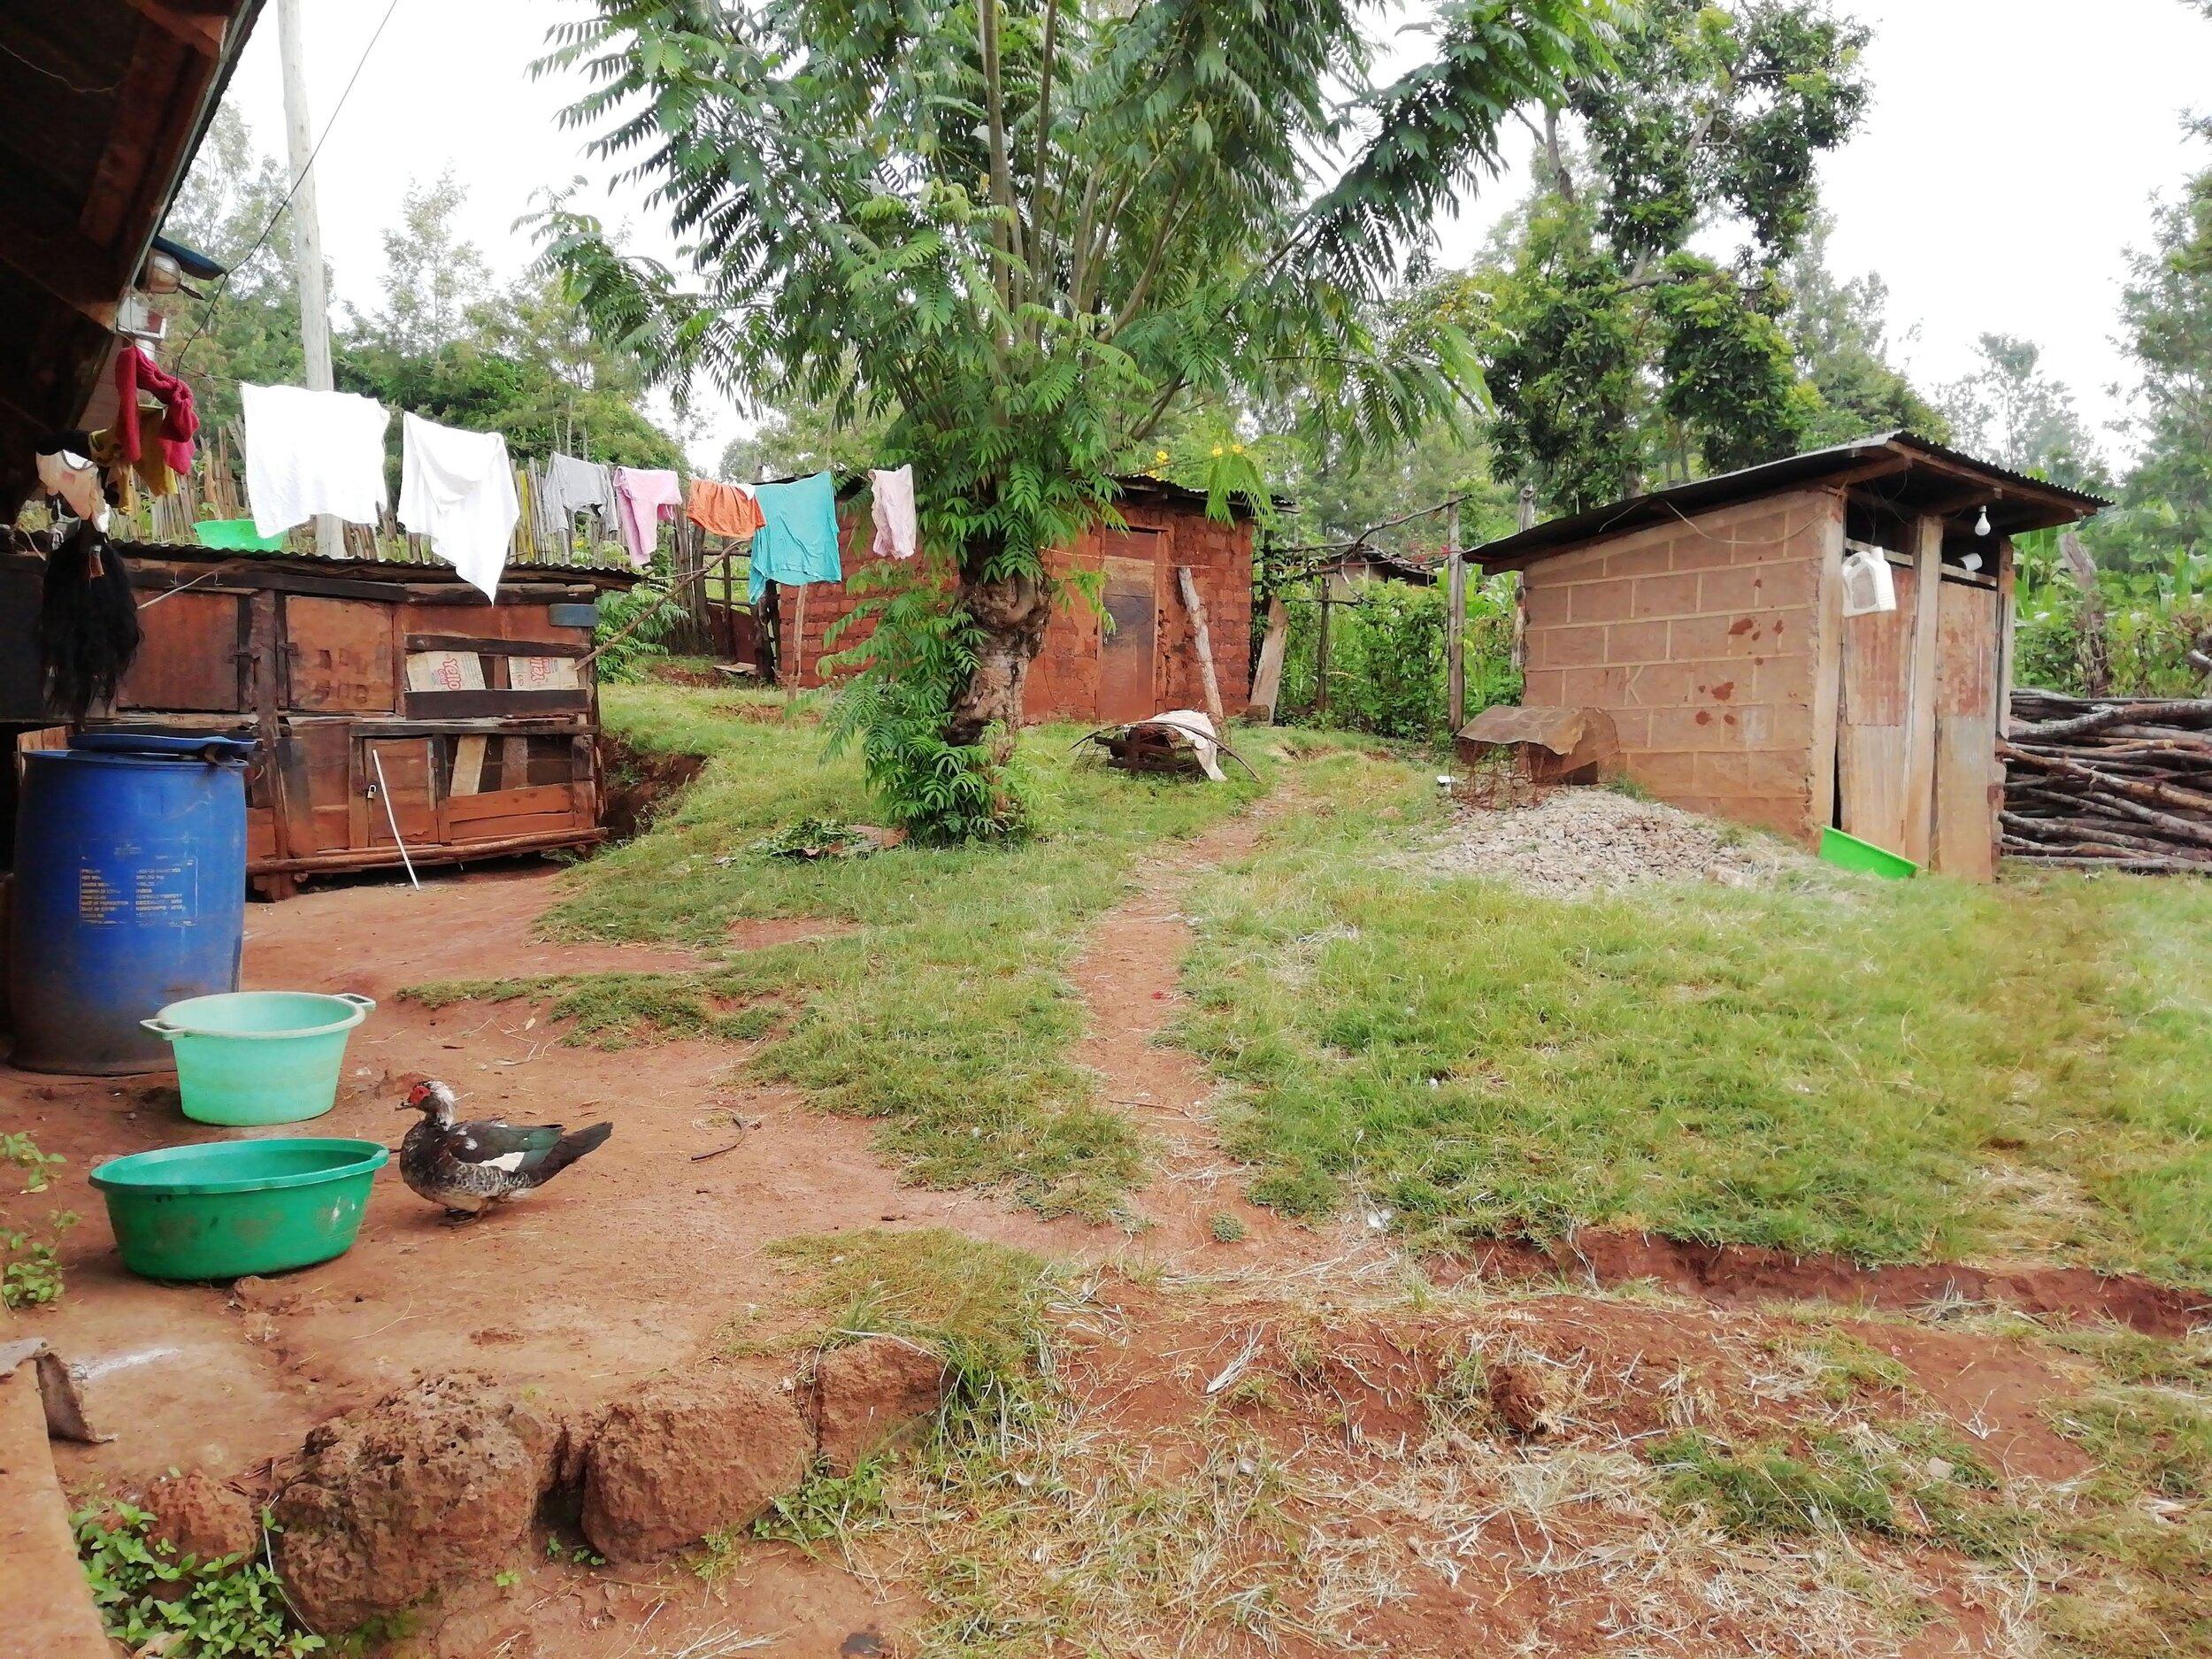 Kenya_village_muranga